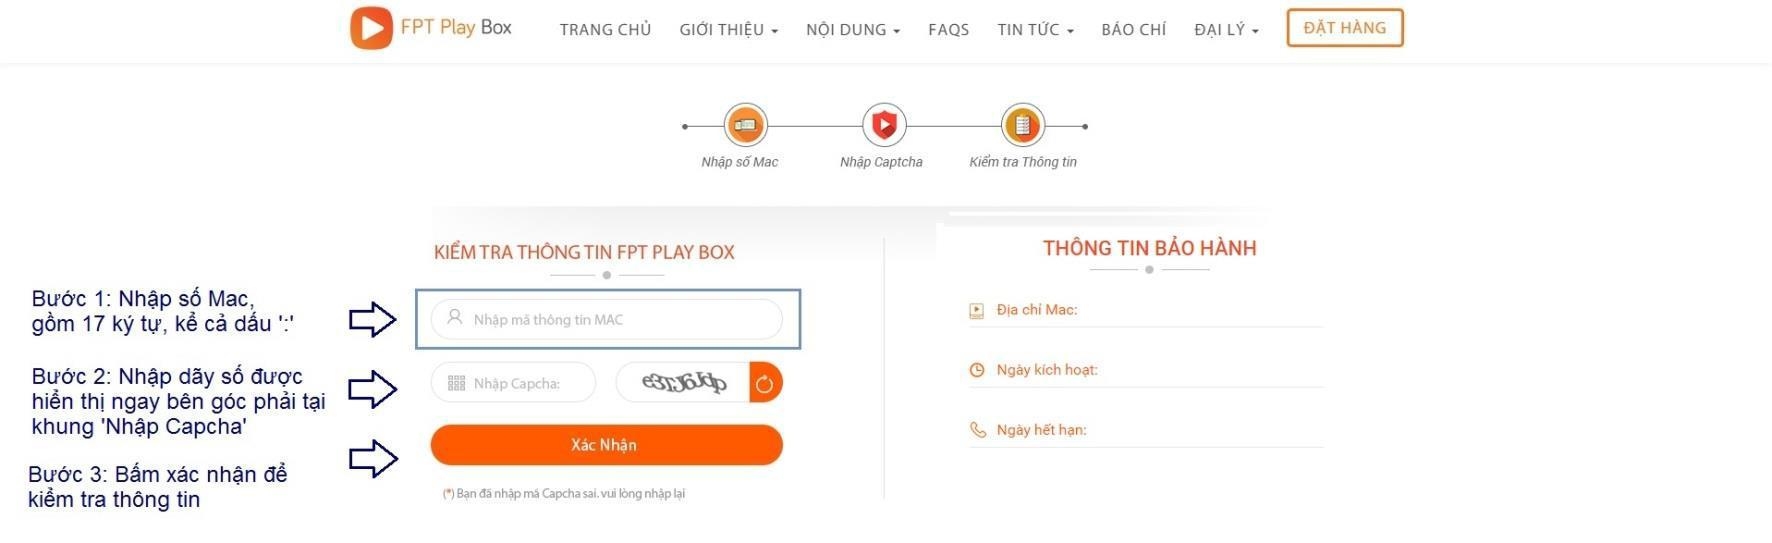 check bao hanh fpt play box